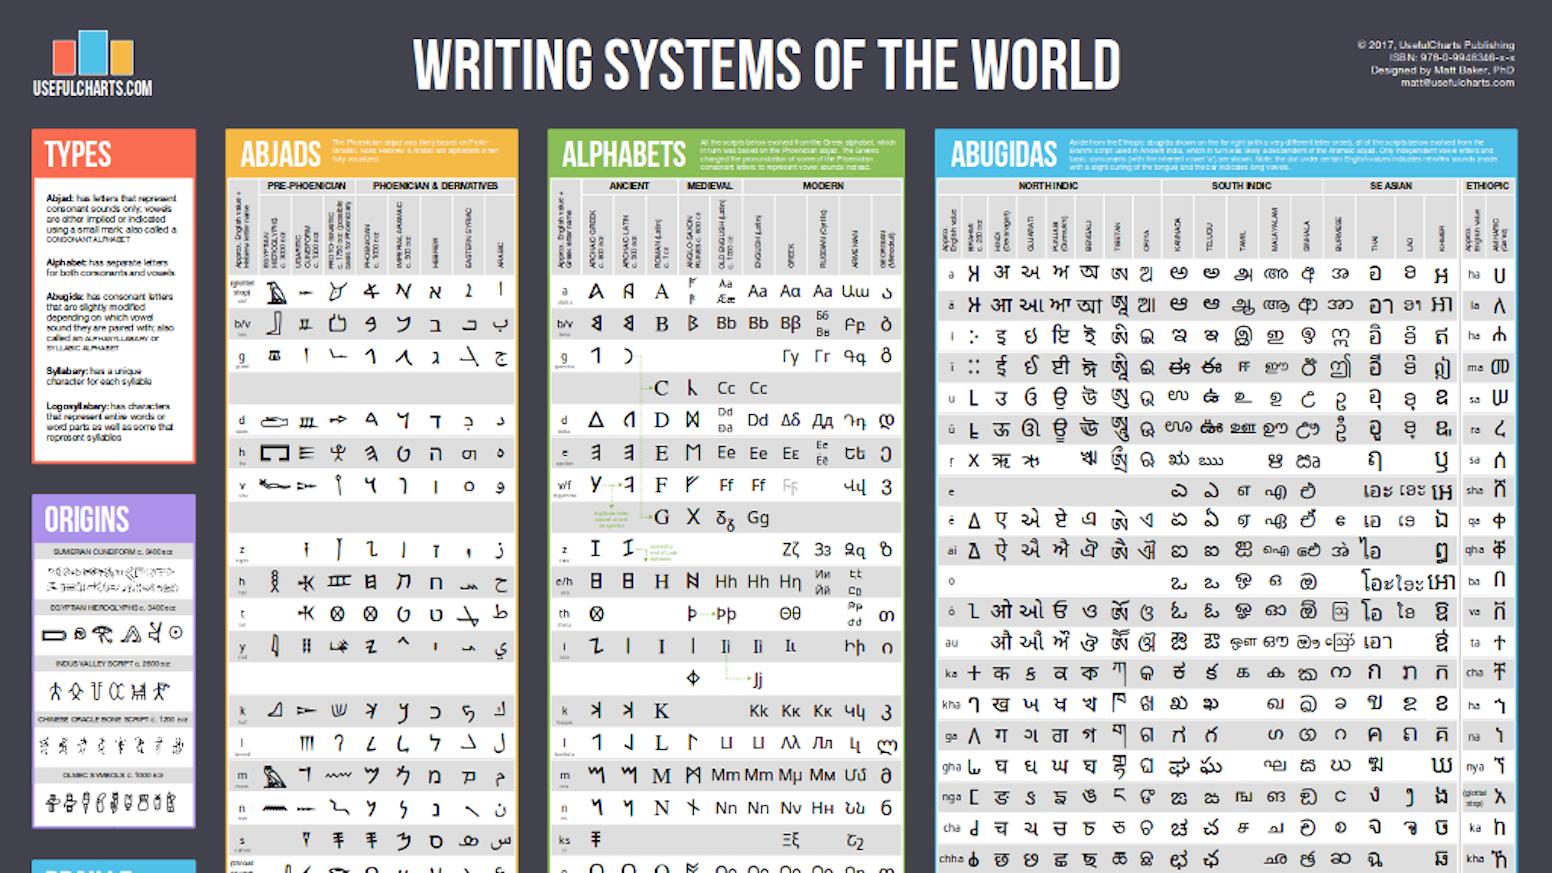 Writing Systems Of The World Poster By Matt Baker Kickstarter